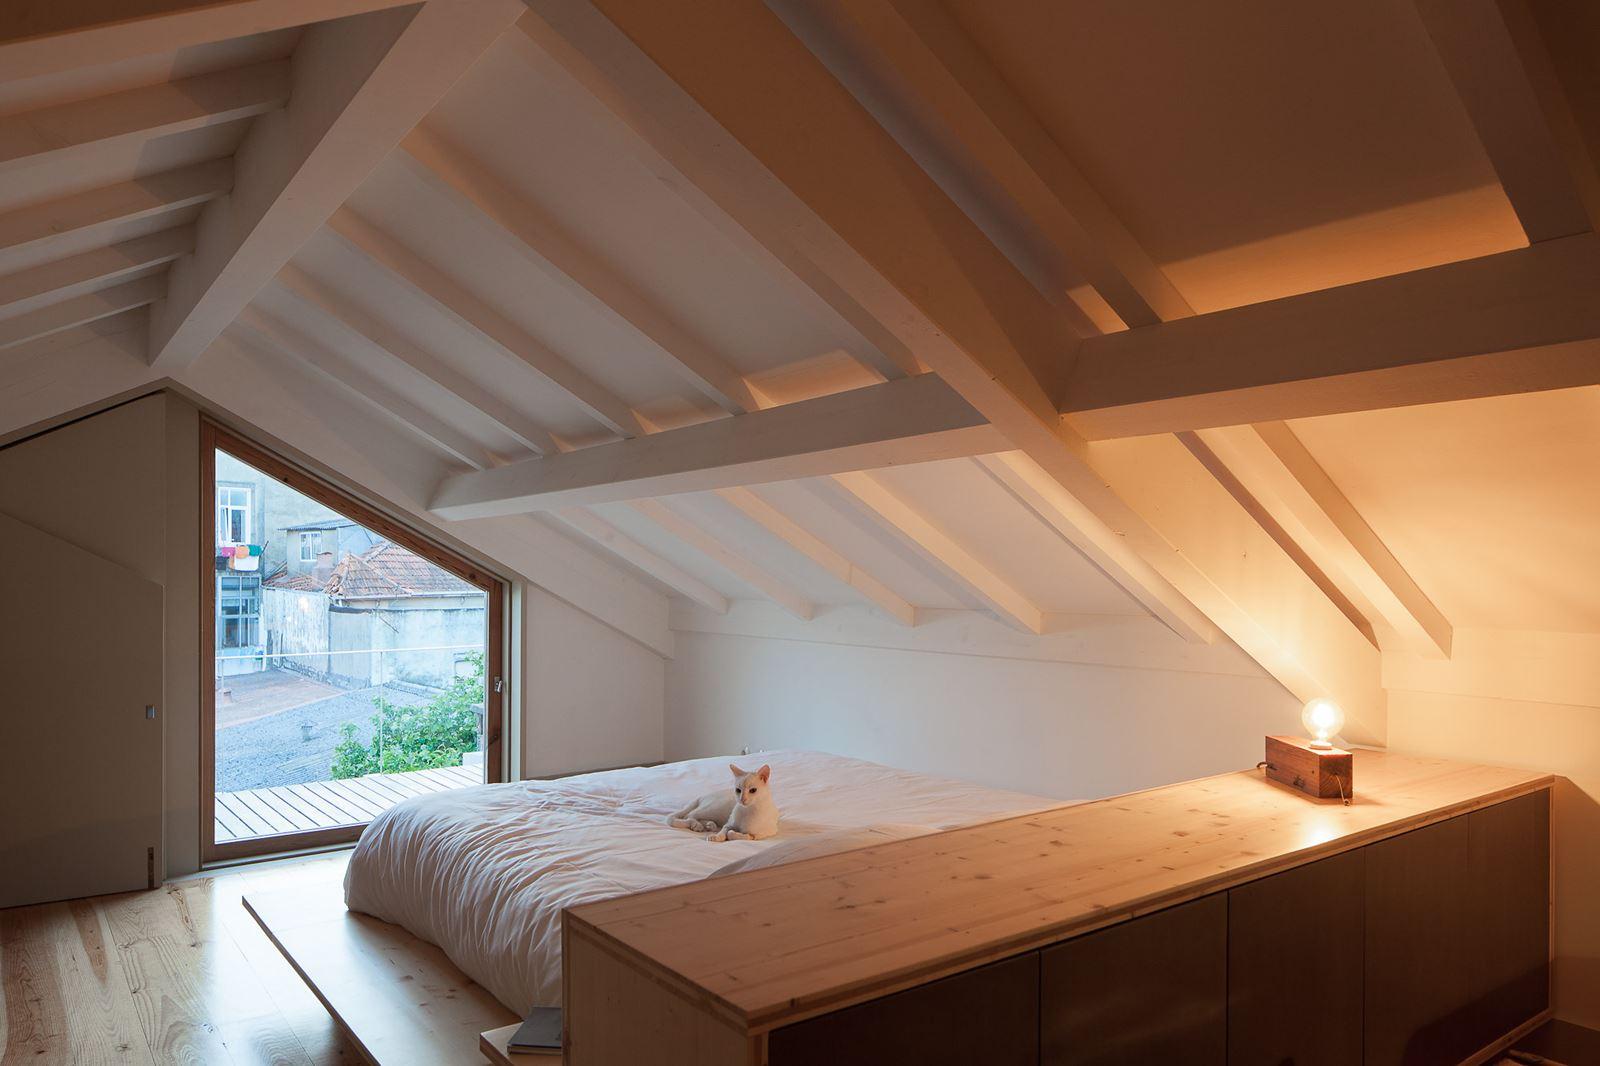 Come ricavare una camera da letto nel sottotetto - Camera da letto sottotetto ...